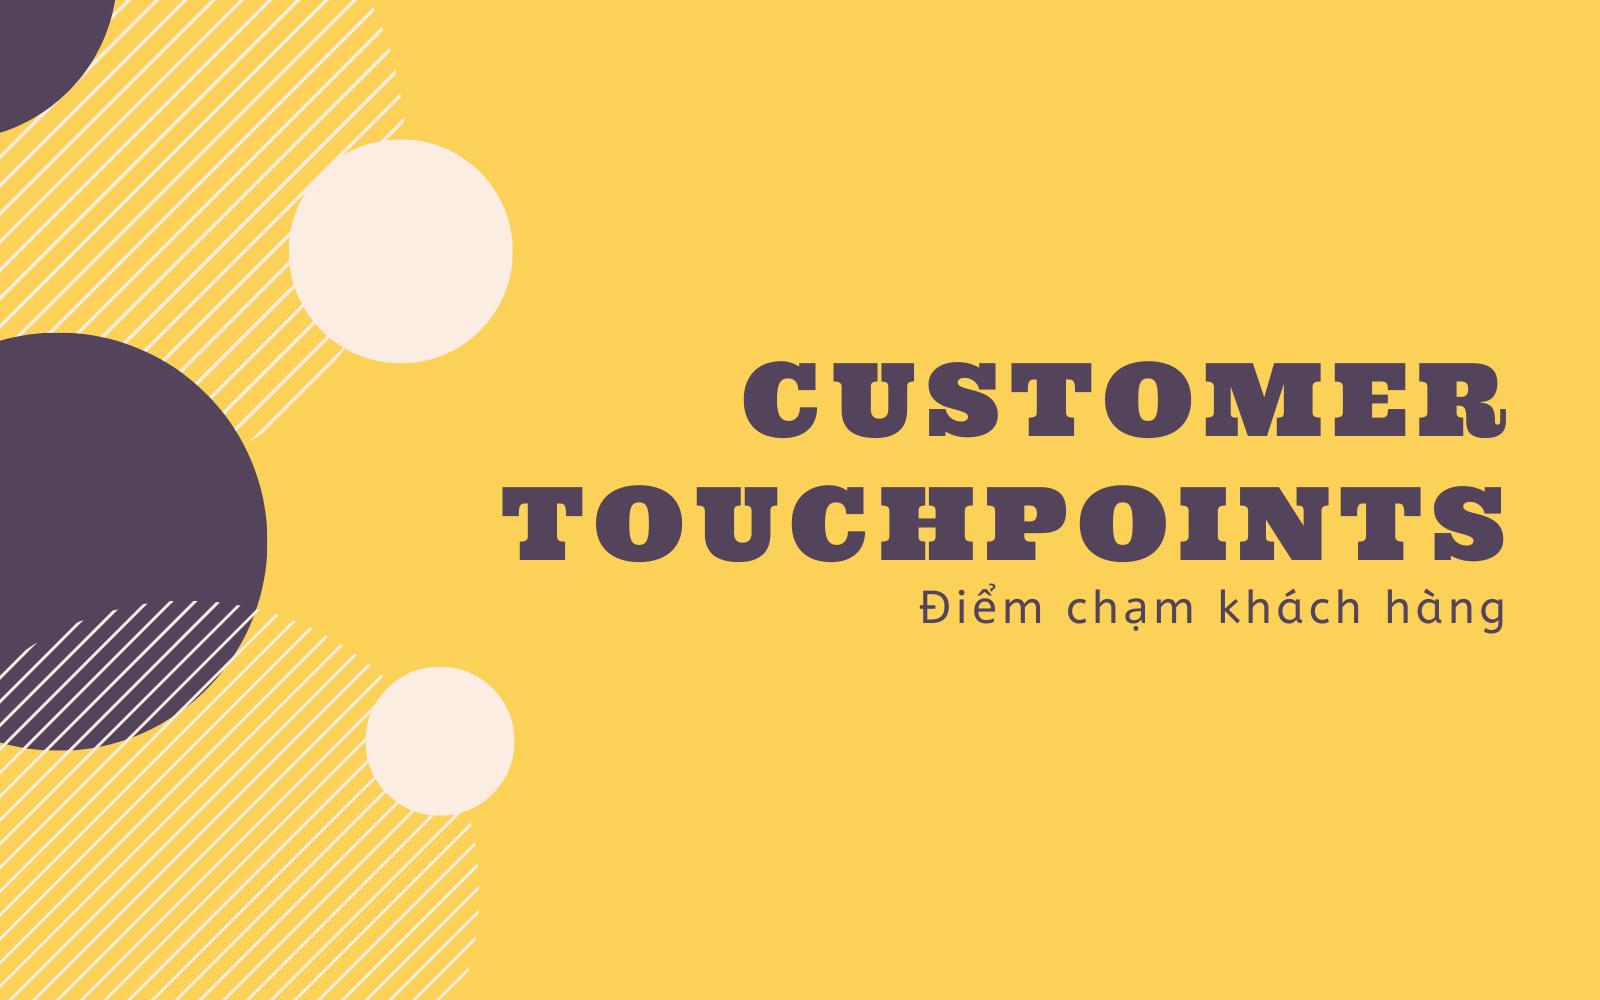 Điểm chạm khách hàng - Customer Touchpoints